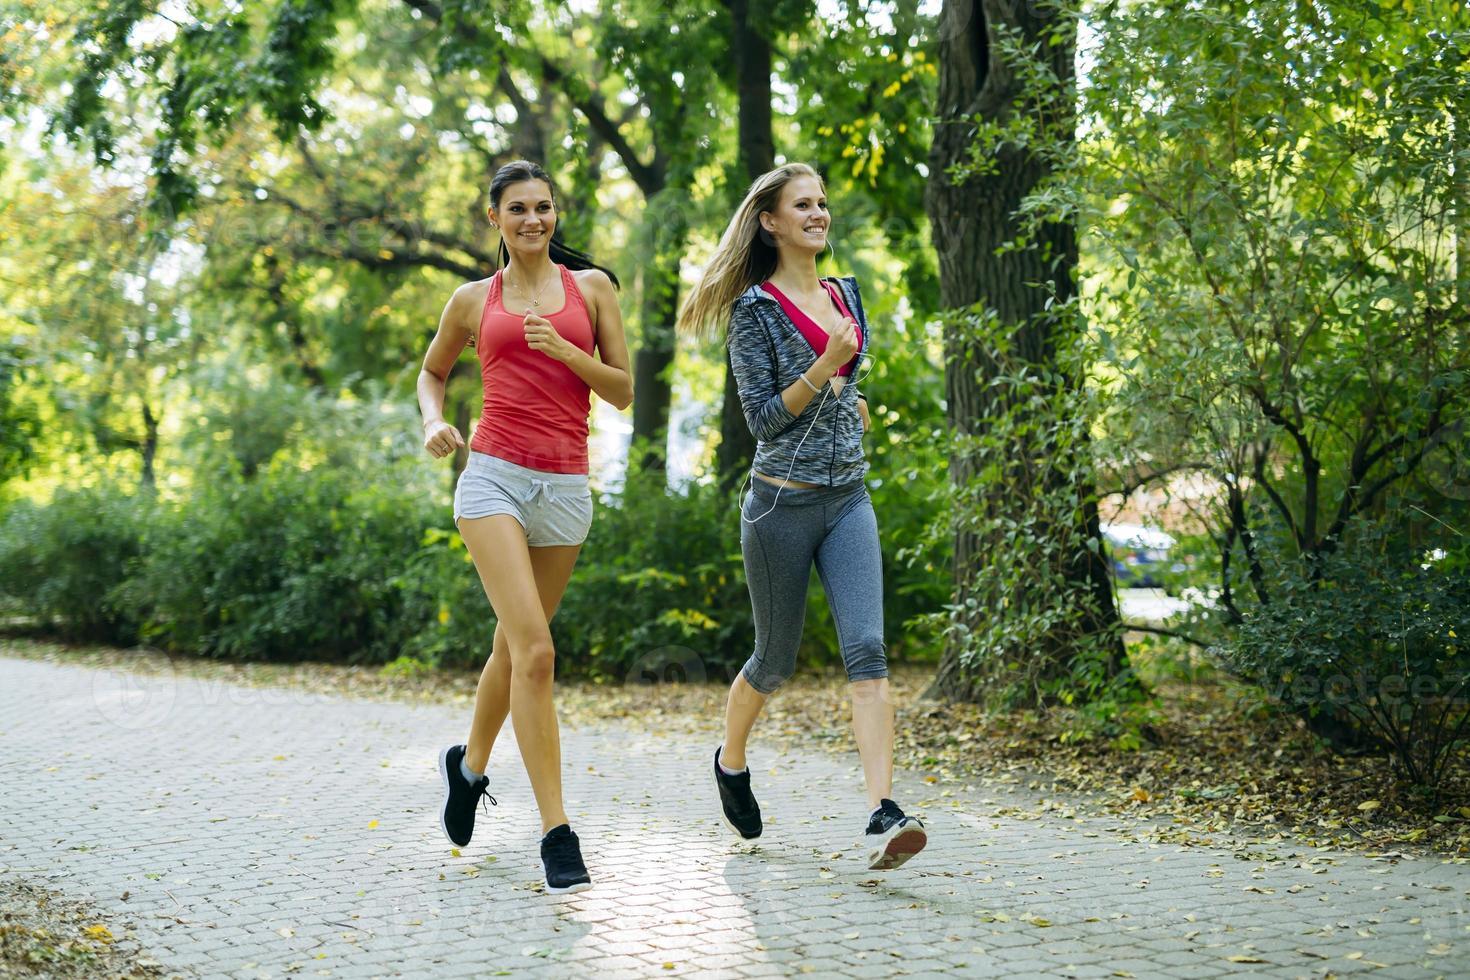 dos mujeres jóvenes corriendo foto